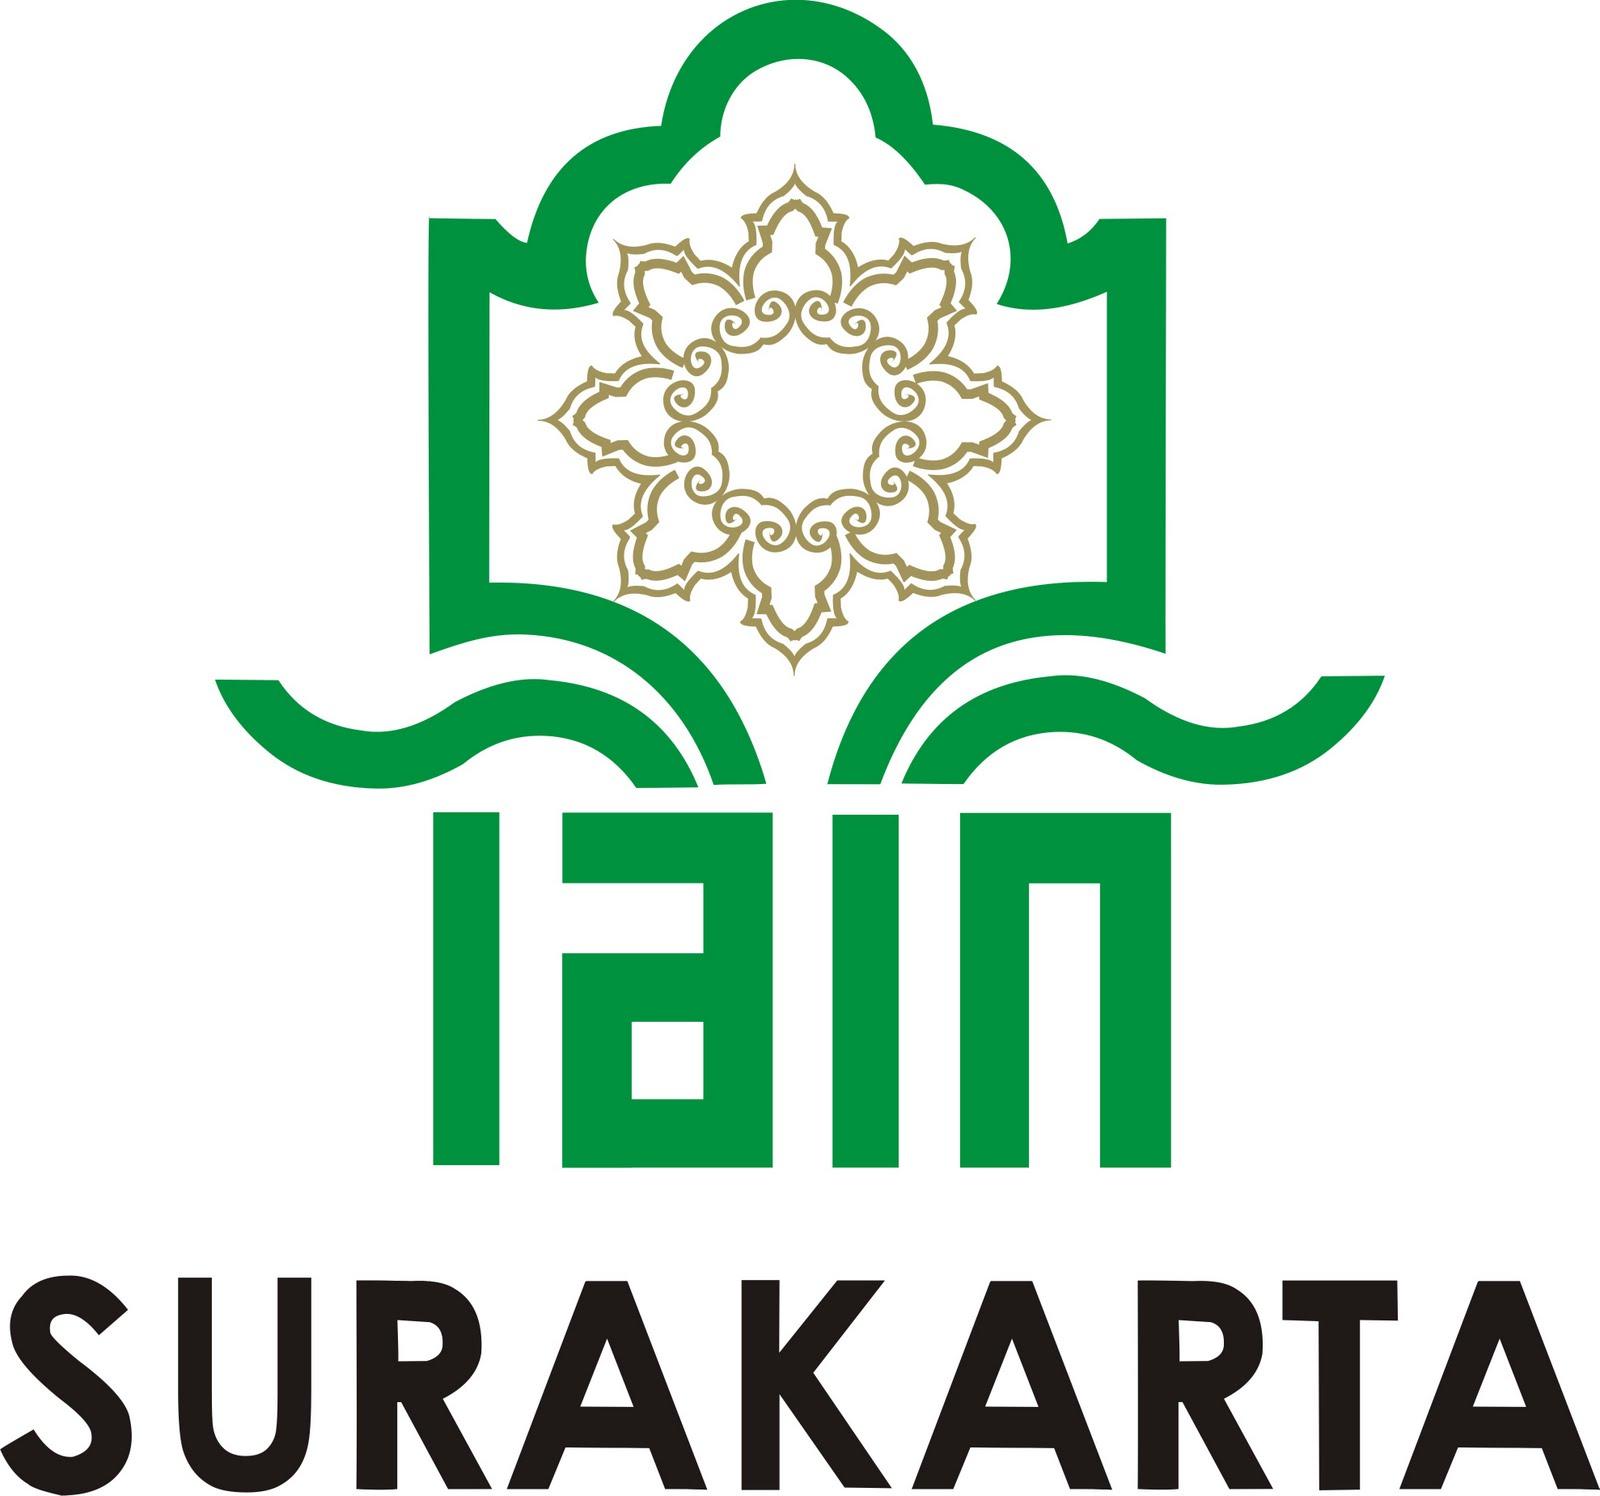 Fourth image of Lambang Terbaru Iain Pontianak with JOKOWA (AYAH ABJAD): LOGO IAIN SURAKARTA terbaru